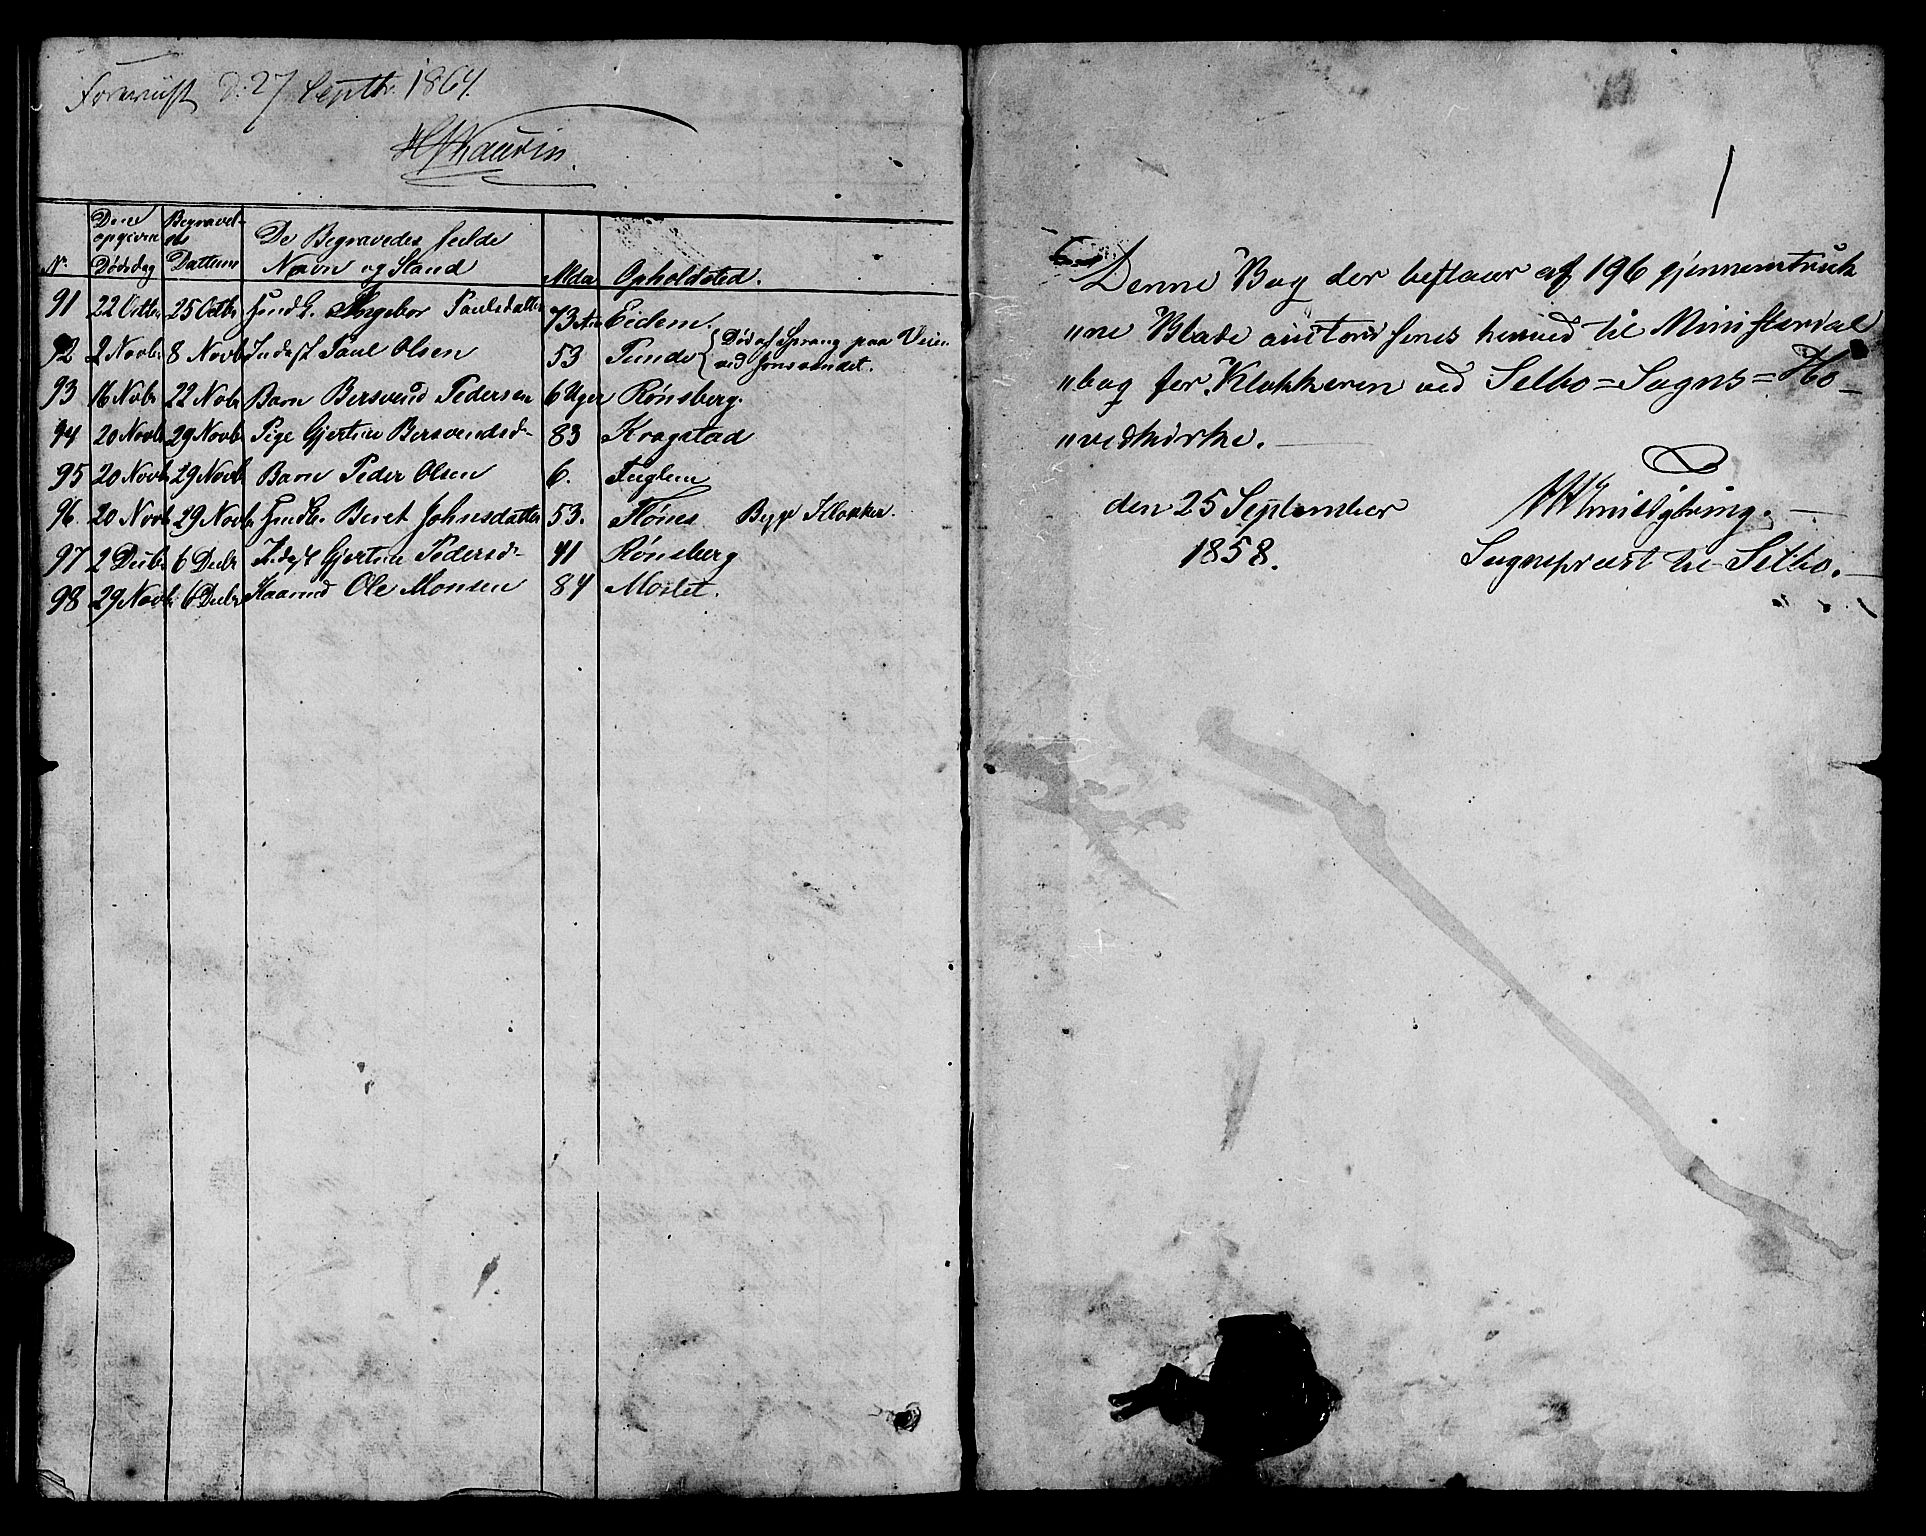 SAT, Ministerialprotokoller, klokkerbøker og fødselsregistre - Sør-Trøndelag, 695/L1155: Klokkerbok nr. 695C06, 1859-1868